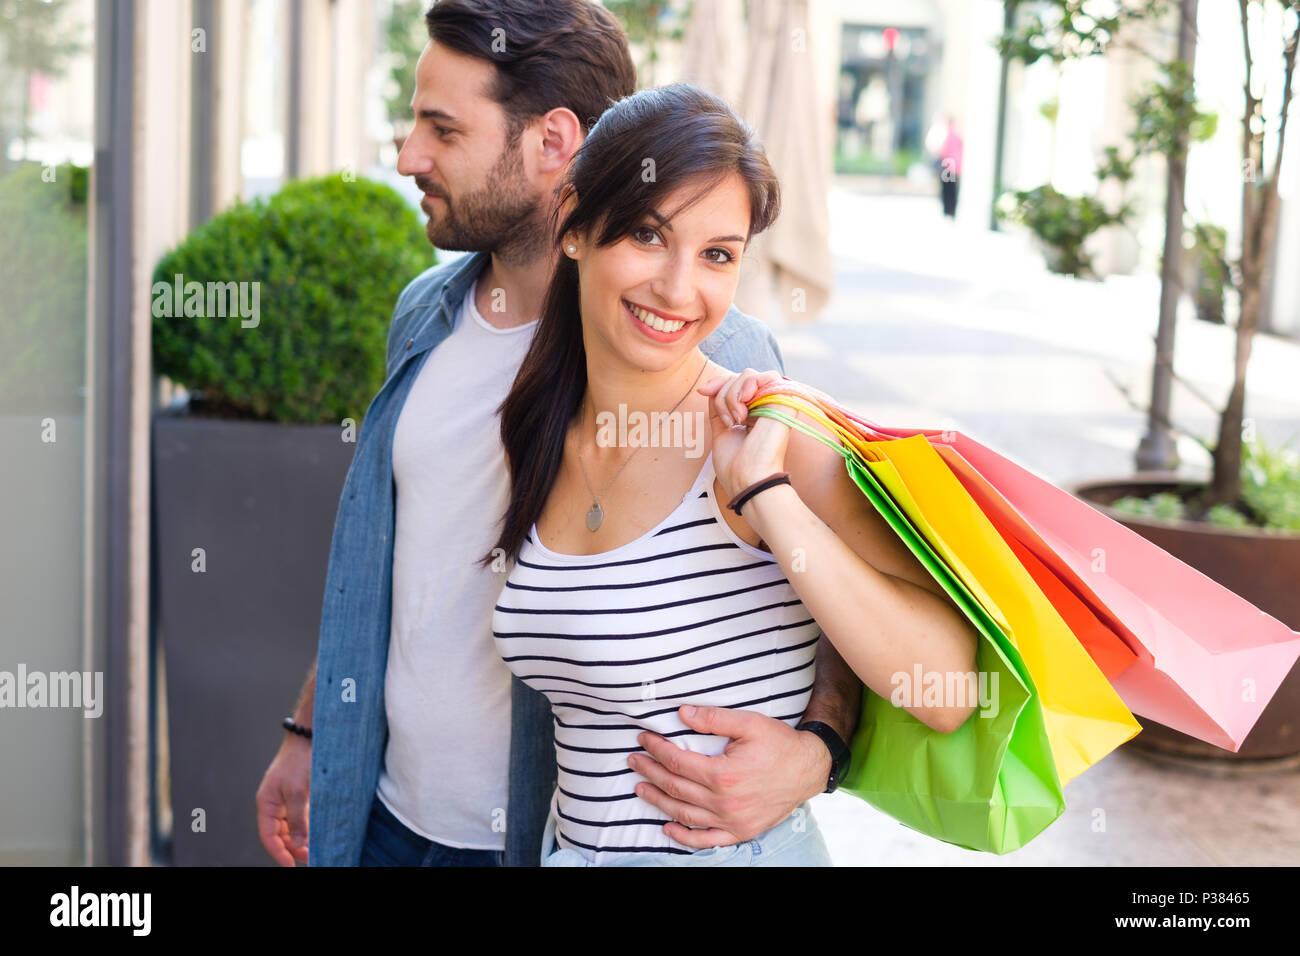 Allegro coppia giovane di shopping insieme nella città avendo divertimento Immagini Stock